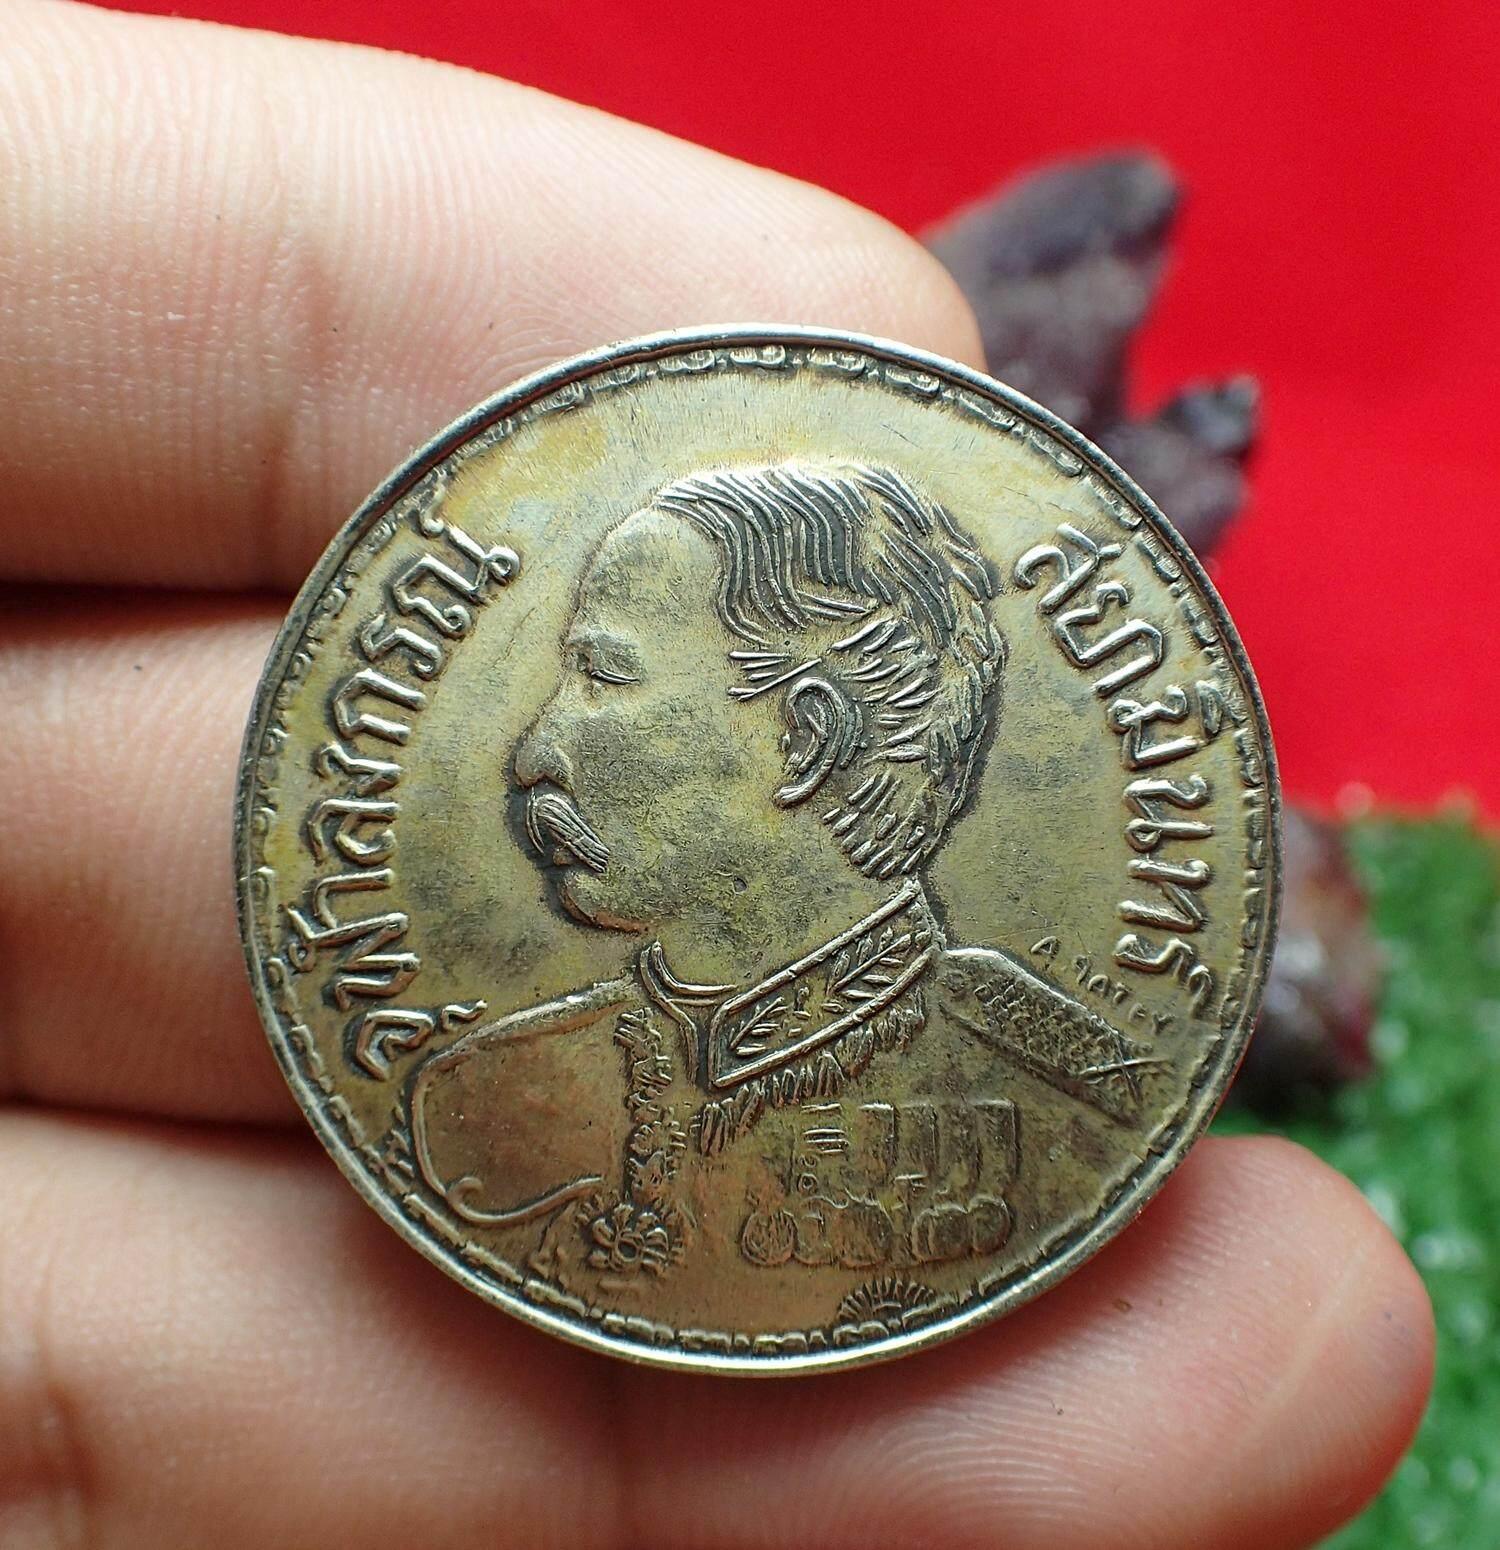 Teptanjai เหรียญช้างสามเศียร ร.5 (หนึ่งบาท สยามรัฐ รศ 127).